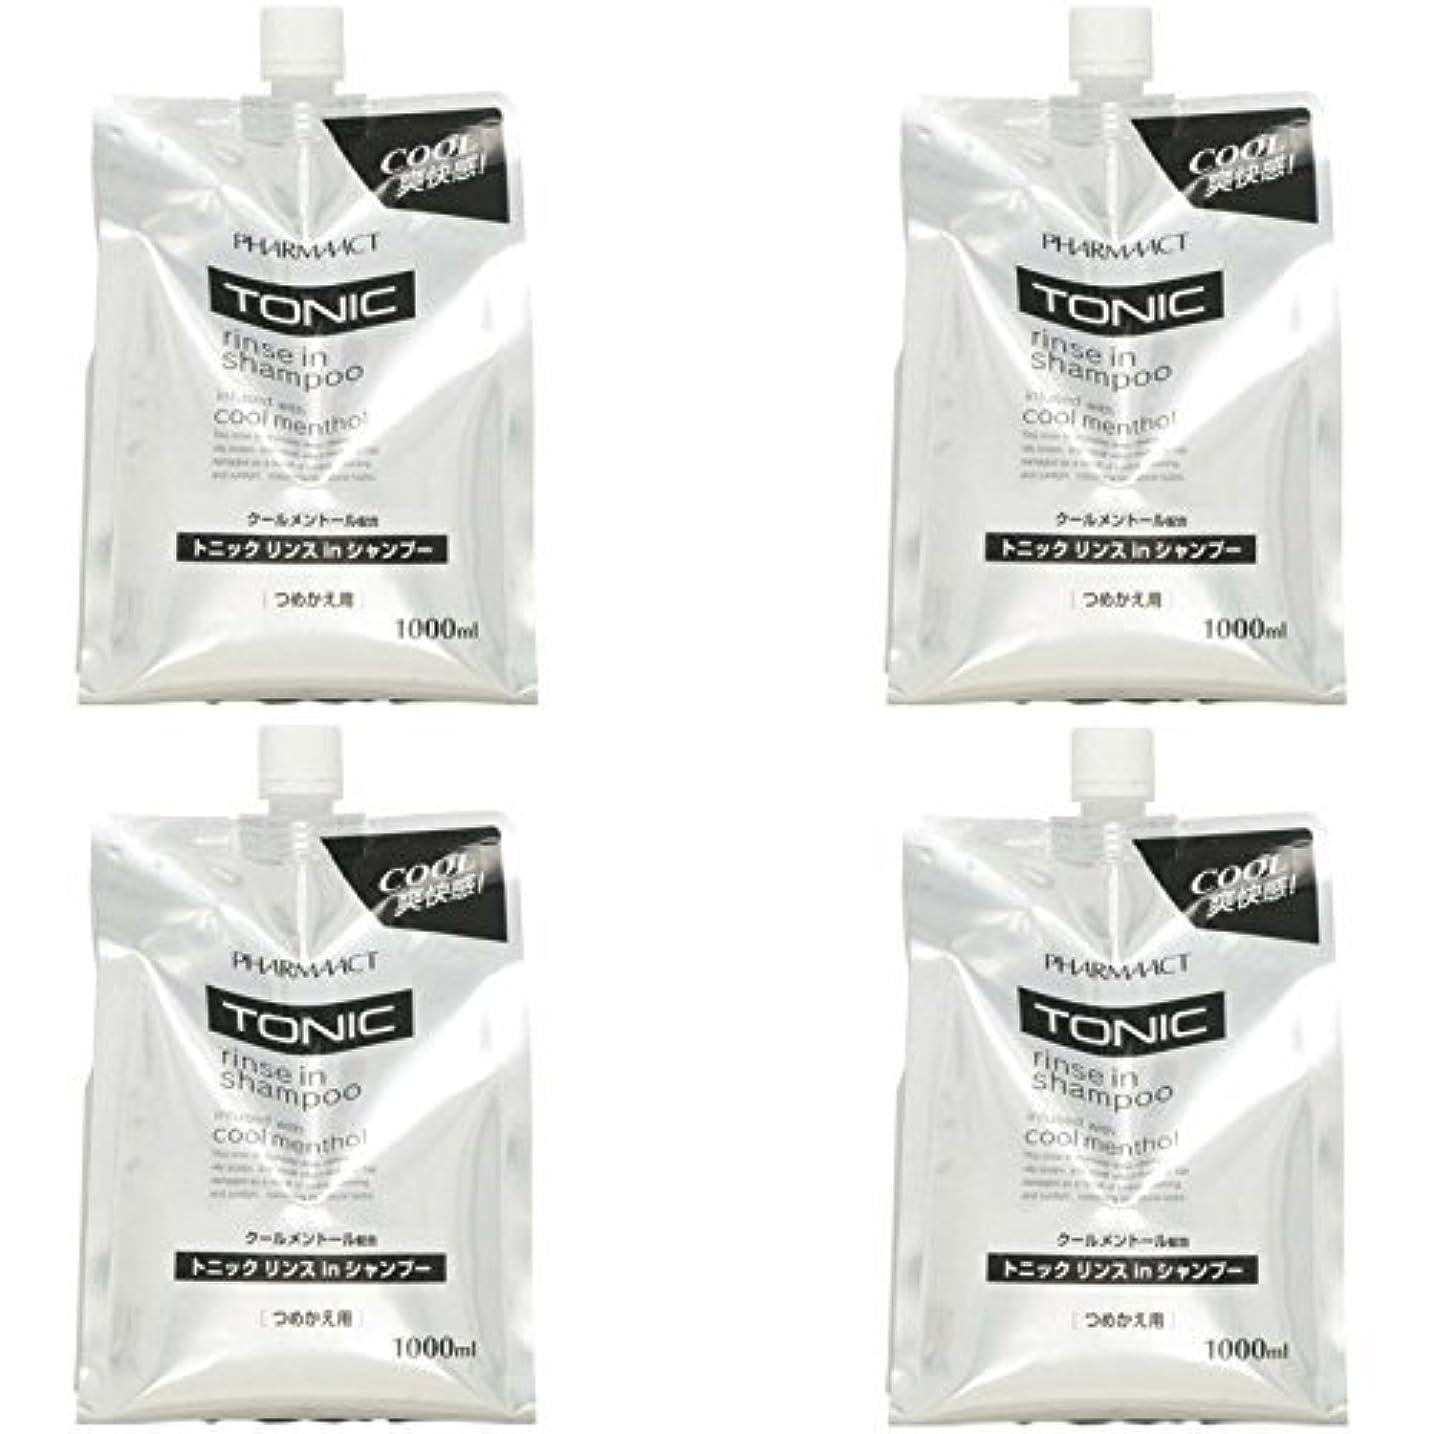 入口重なるバター【セット品】ファーマアクト クールトニックリンスインシャンプー スパウト付き詰替 1000ml (4個)